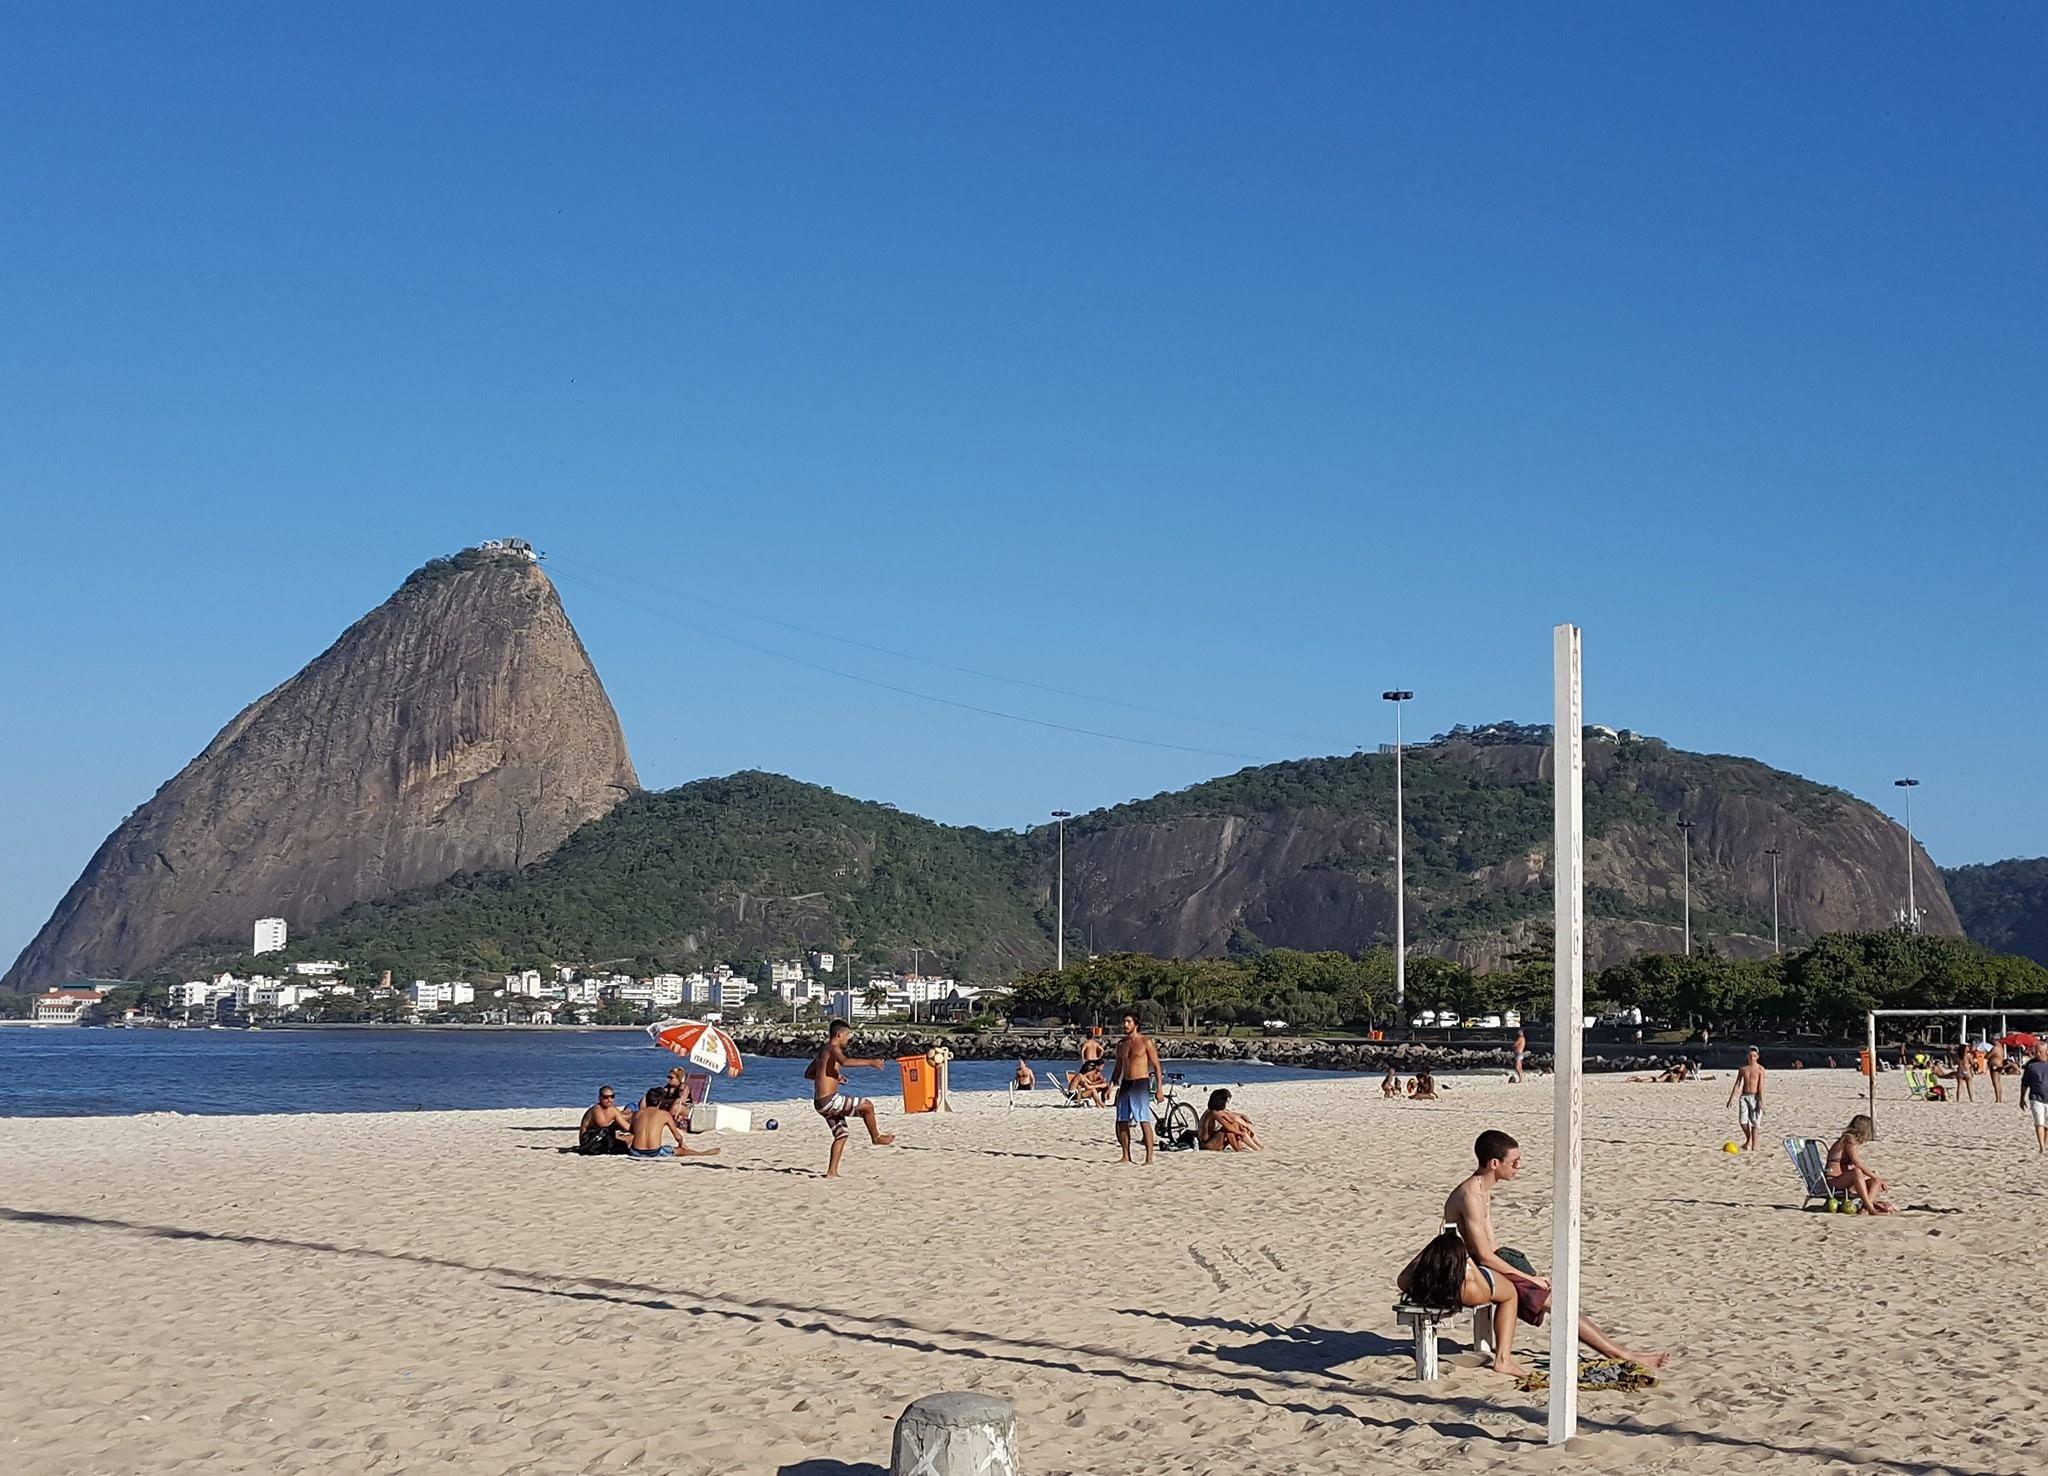 Mejores lugares Turísticos de Río de Janeiro. Pão de Açúcar.